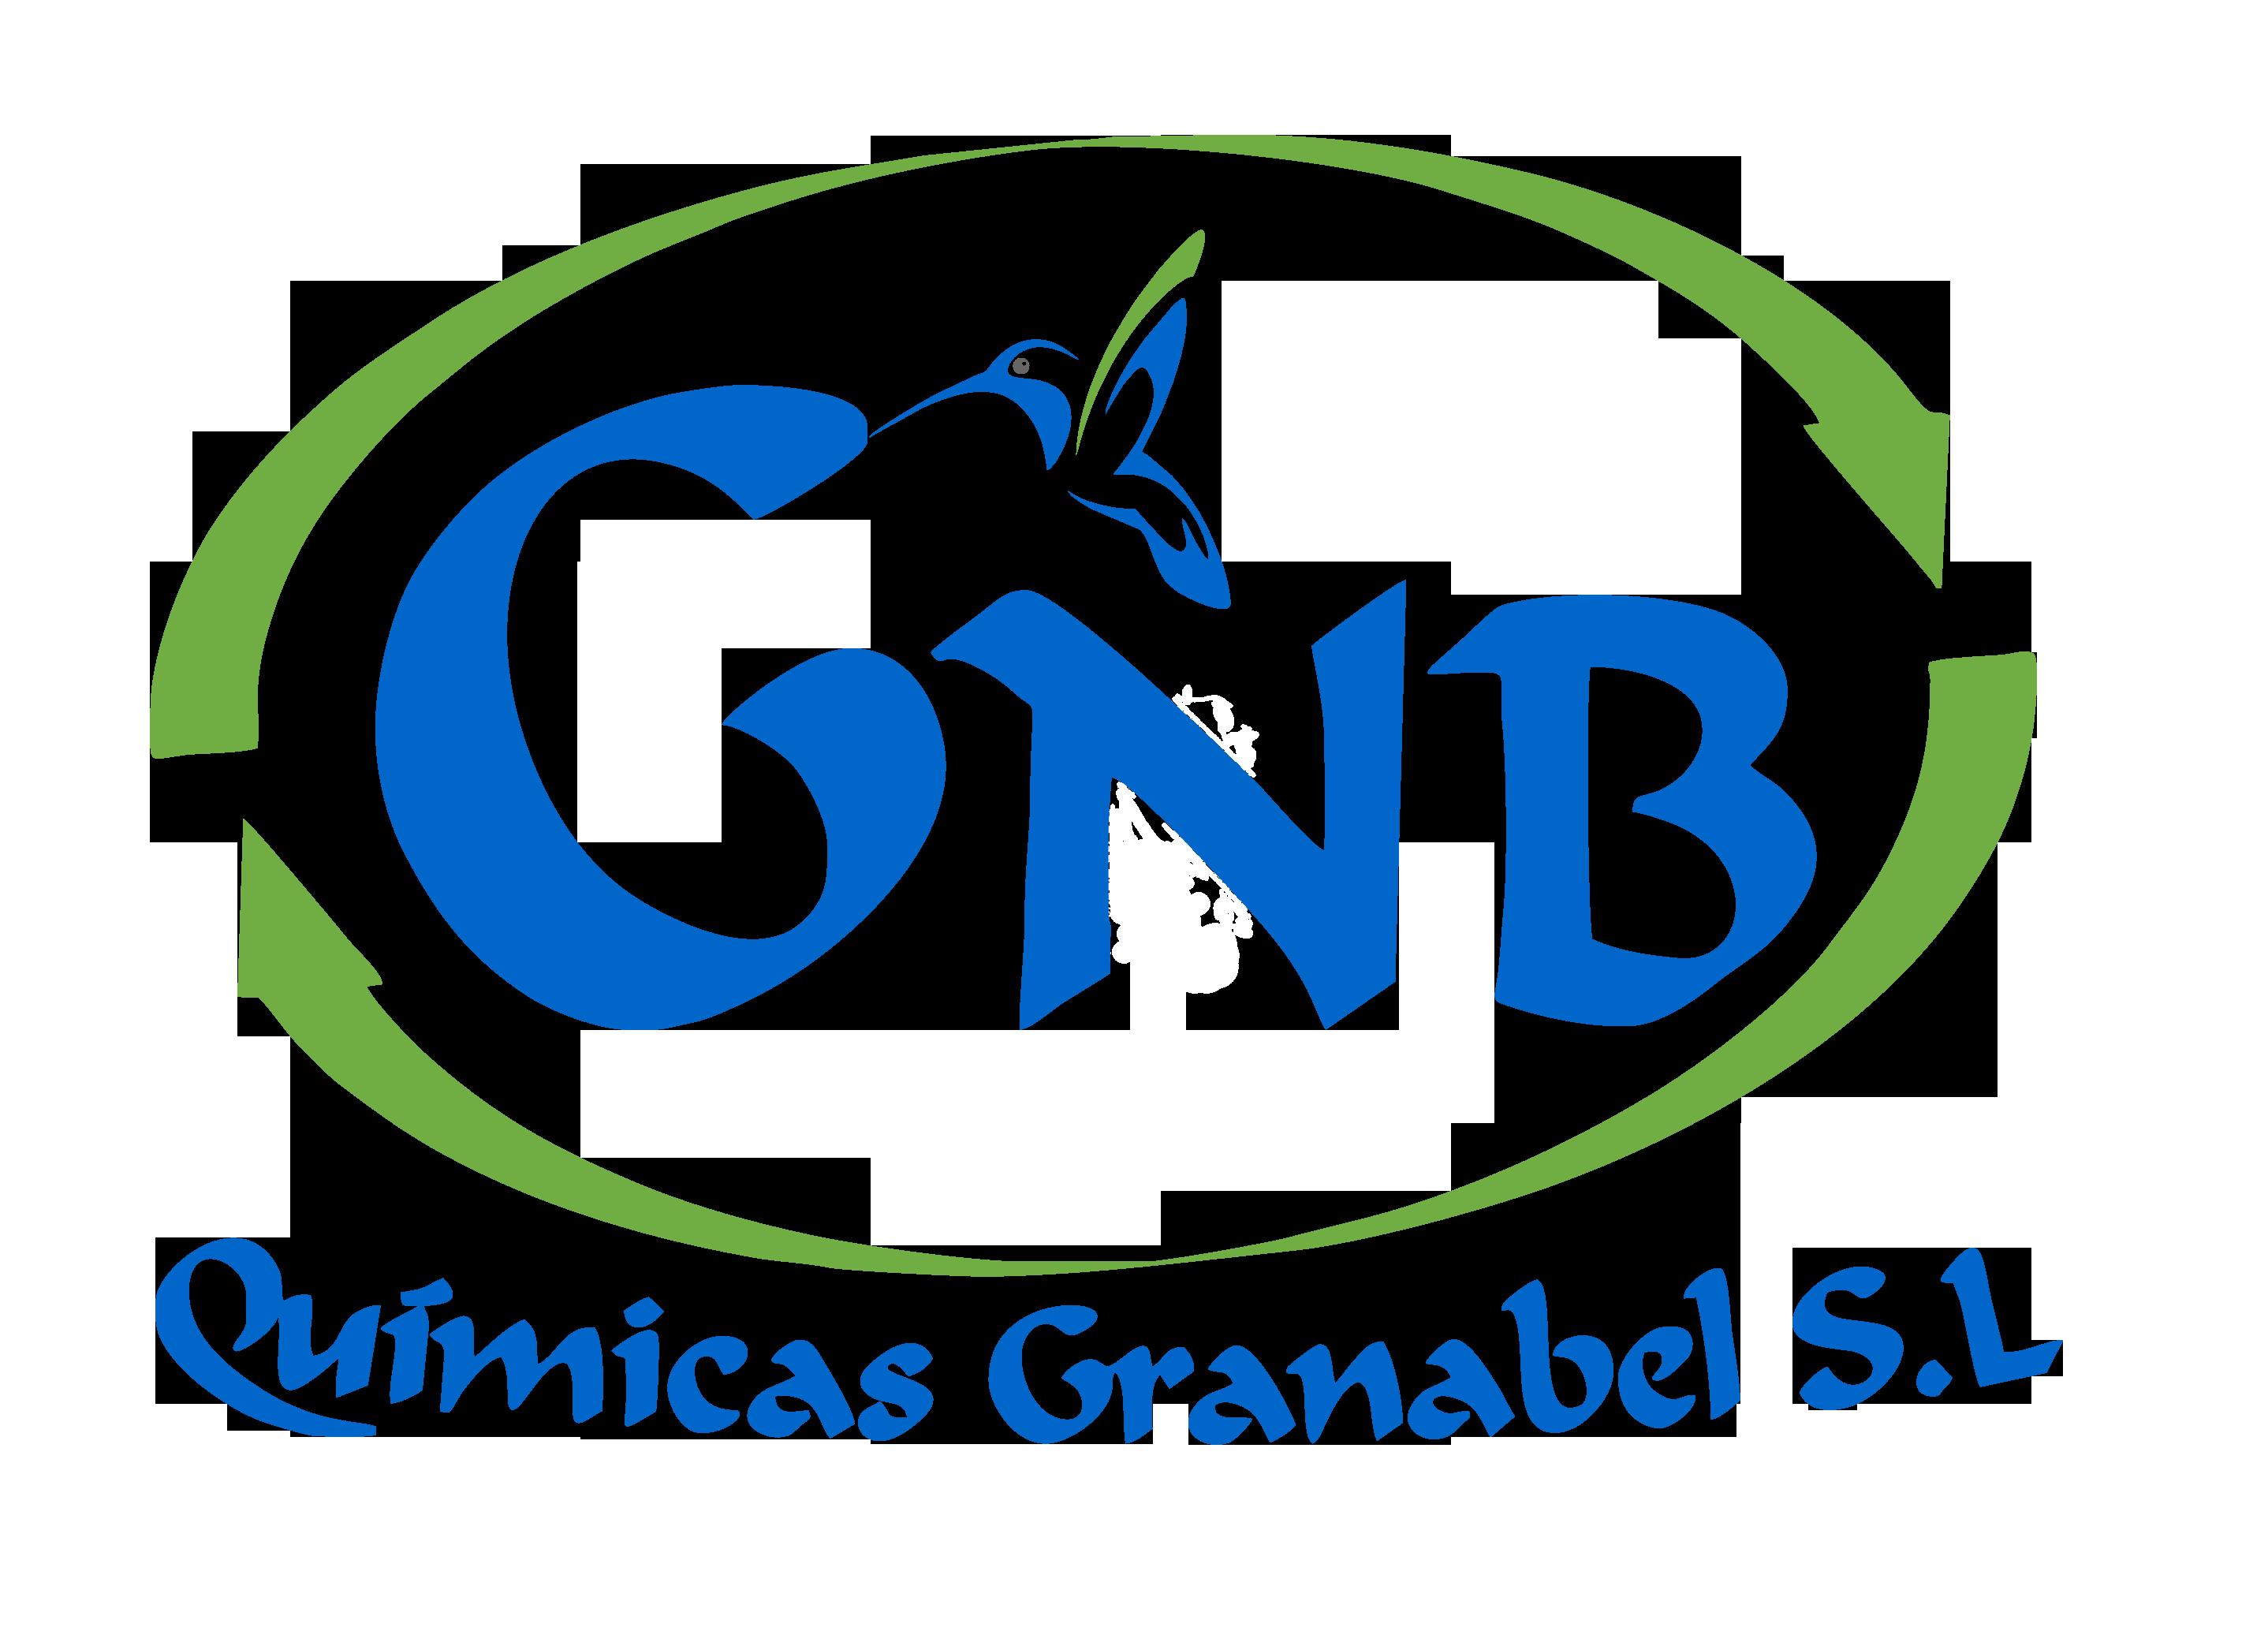 QUÍMICAS GRANABEL